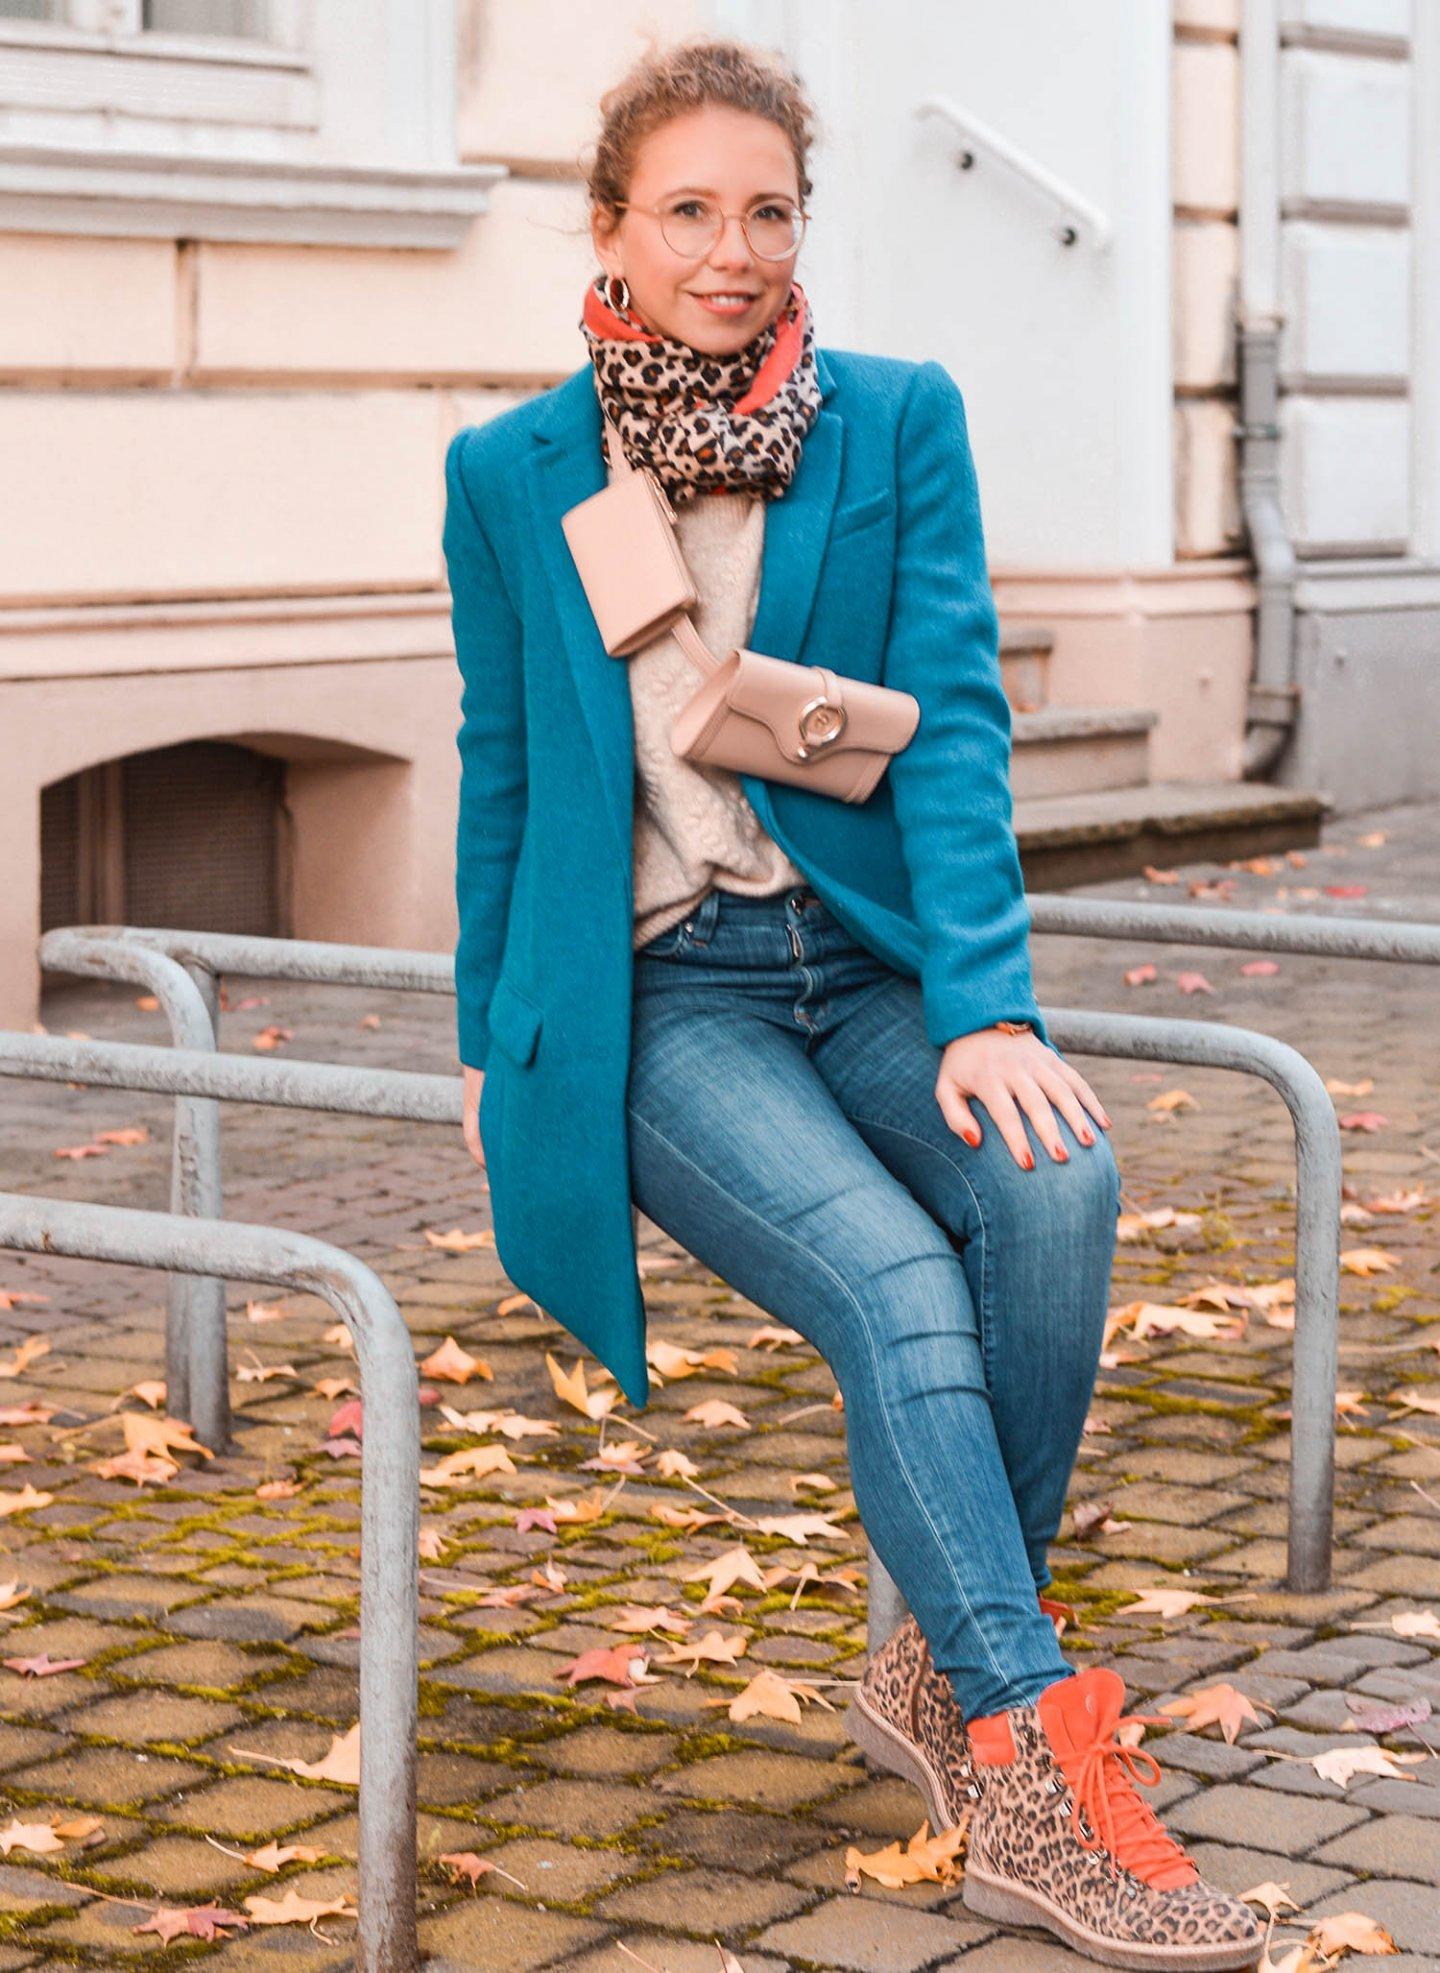 Herbstlook mit belt bag lässig über die Schulter getragen